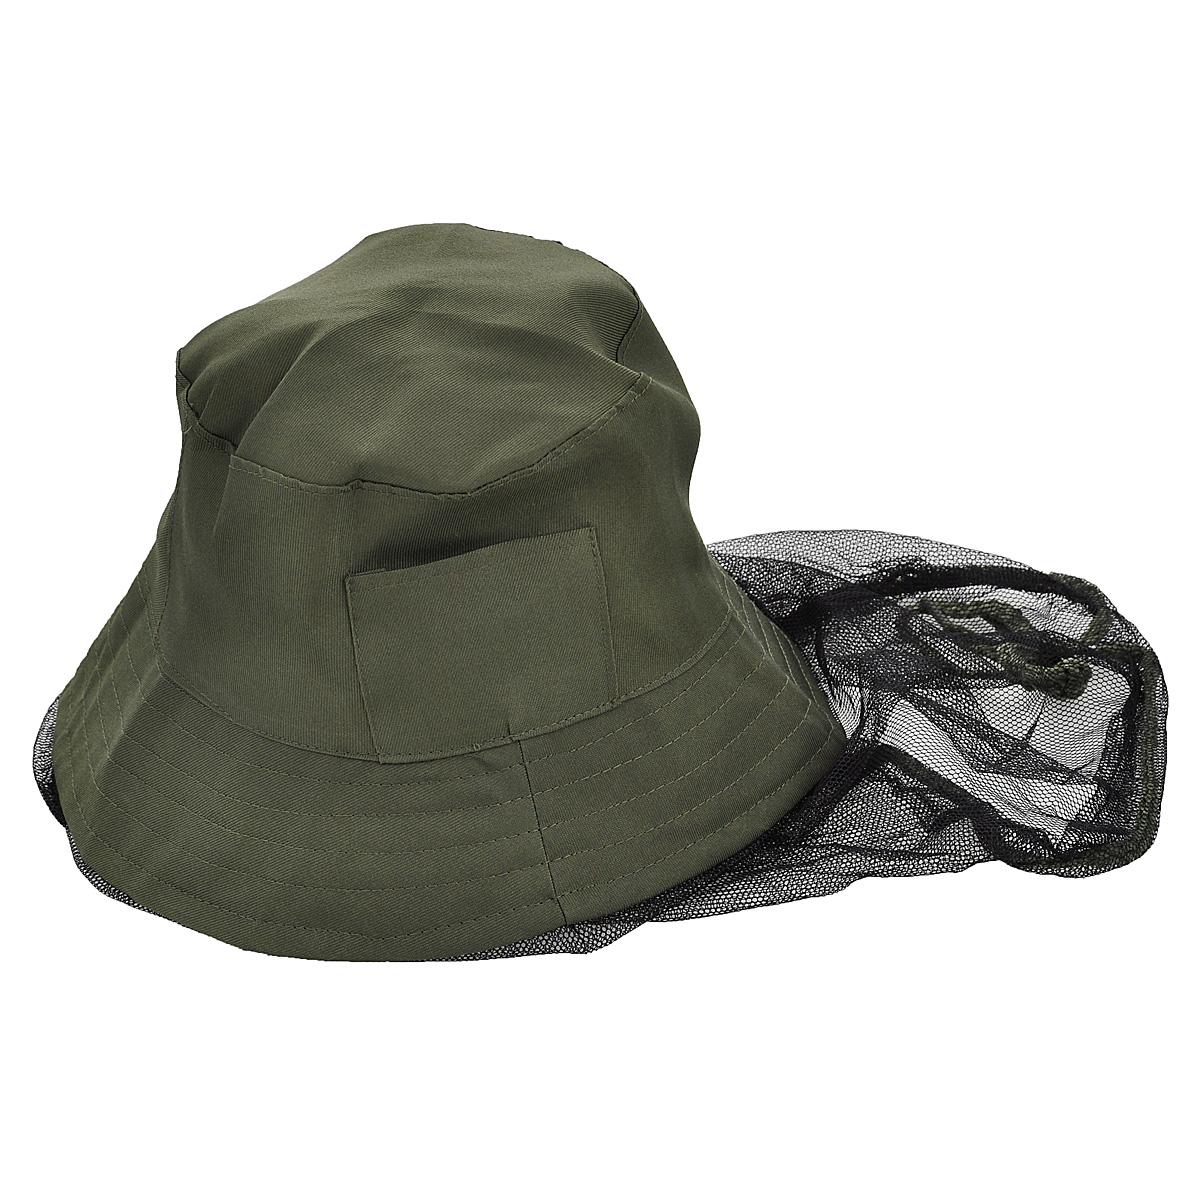 Шляпа с антимоскитной сеткой. 194553194553Шляпа с антимоскитной сеткой Natura предназначена для охоты, рыбалки, туризма, сбора грибов и ягод. Изделие также может быть полезно лесникам, геологам, нефтяникам, энергетикам. Шляпа с антимоскитной сеткой предназначена для защиты от комаров, москитов, мошки, клещей и прочих вредных биологических факторов. Кроме того, защищает голову от атмосферных осадков, солнечных лучей, пыли и ветра.